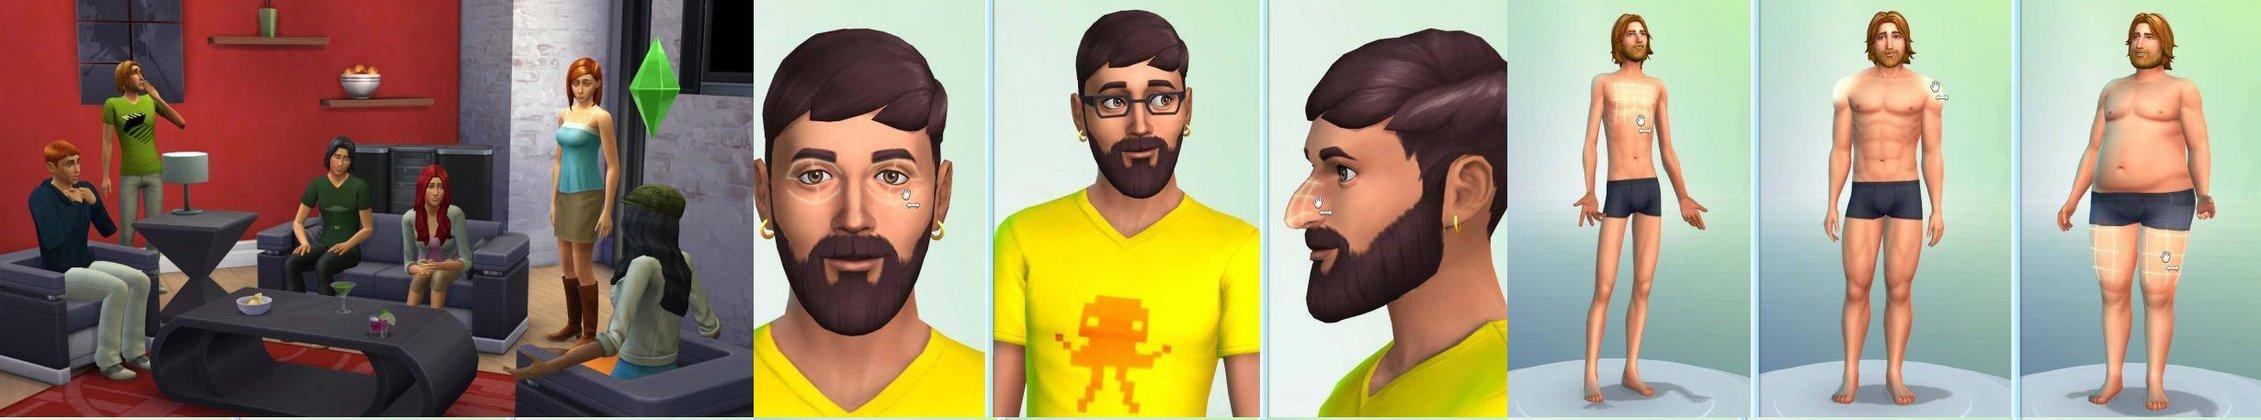 Sims 4 Lässt Sich Nicht Installieren